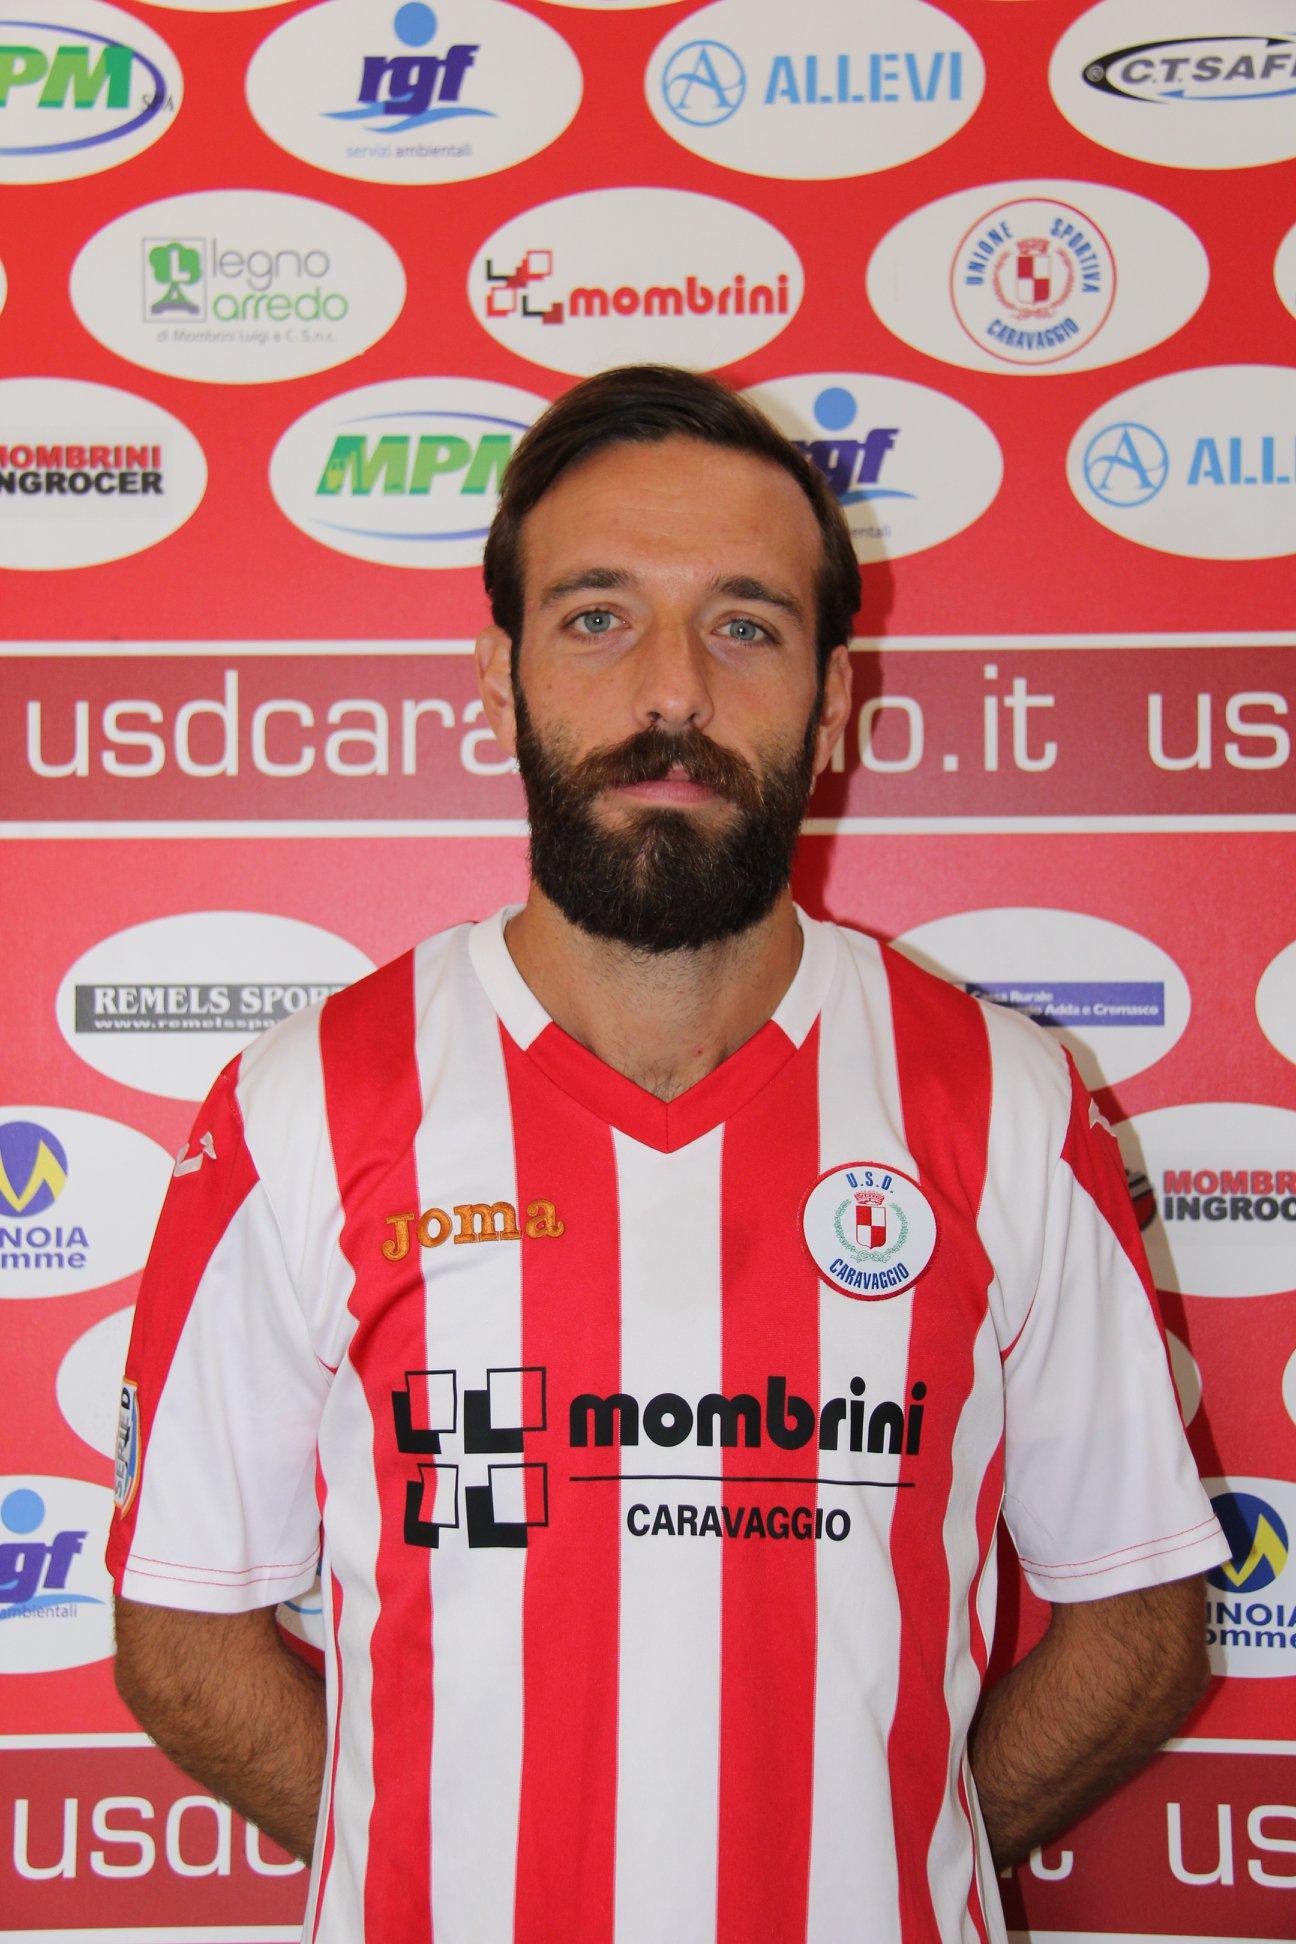 Dove vanno i calciatori che gravitano a Bergamo quando non inseguono una palla? Nicolò Crotti ci dà una mappa dei suoi giri in città